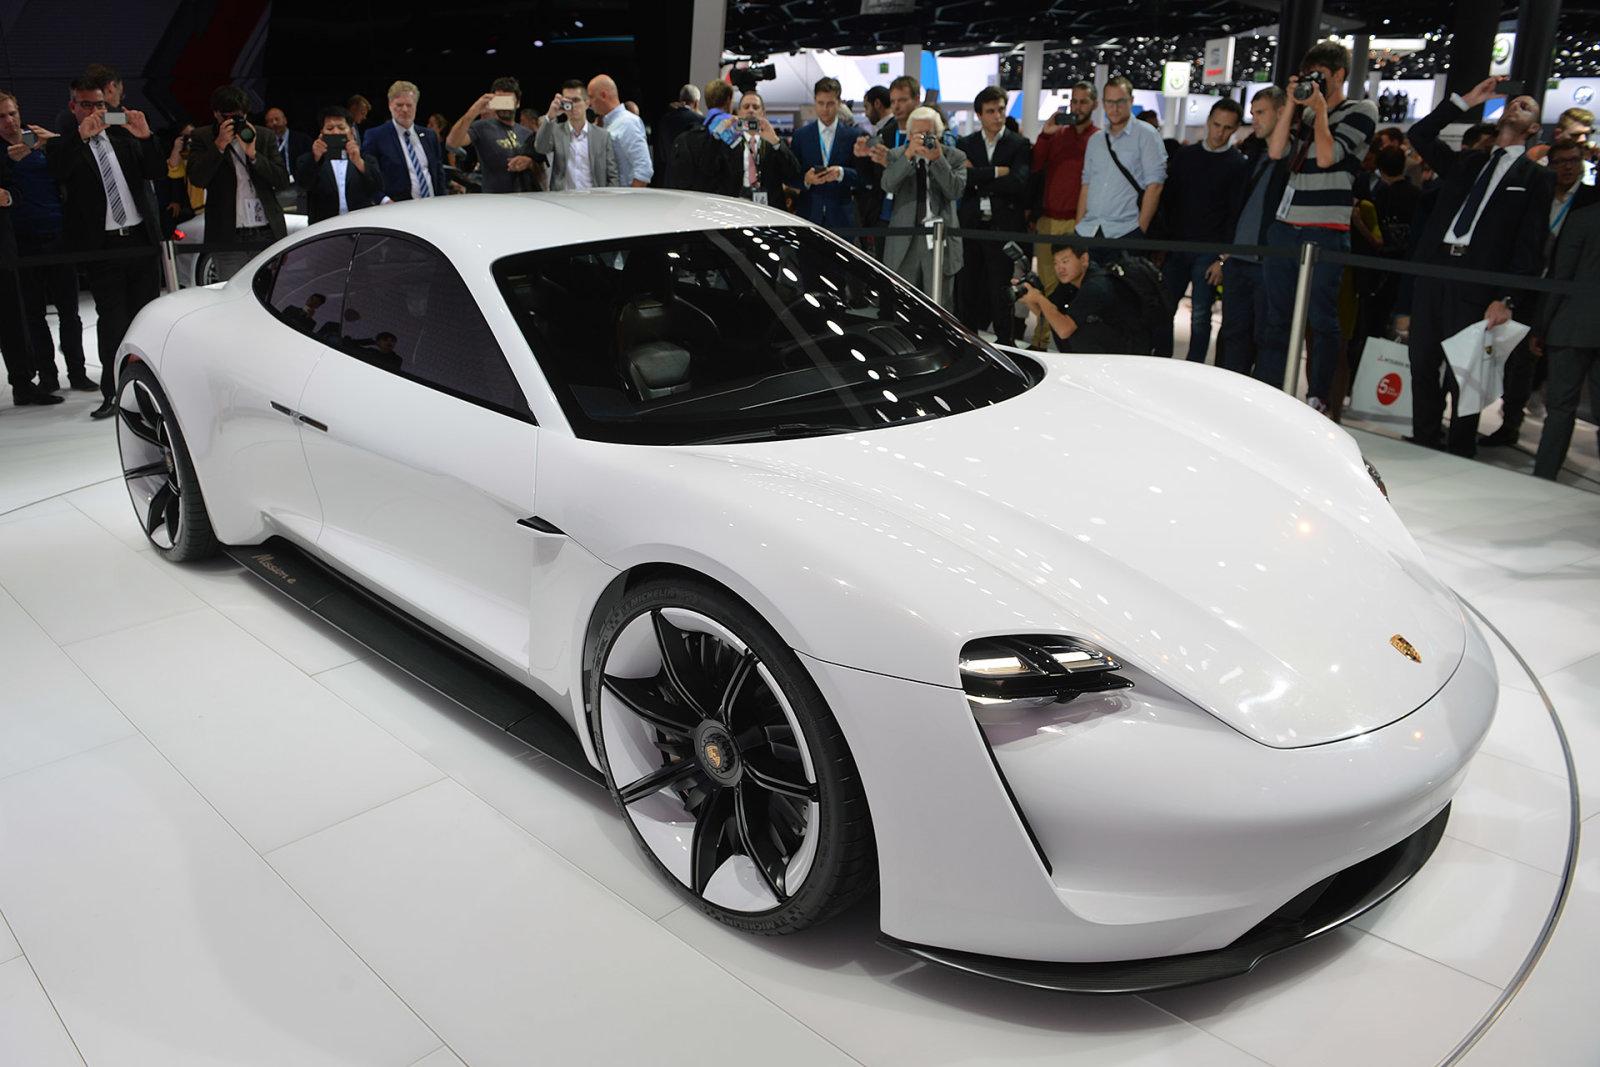 保时捷和奥迪将共享新能源汽车研发平台